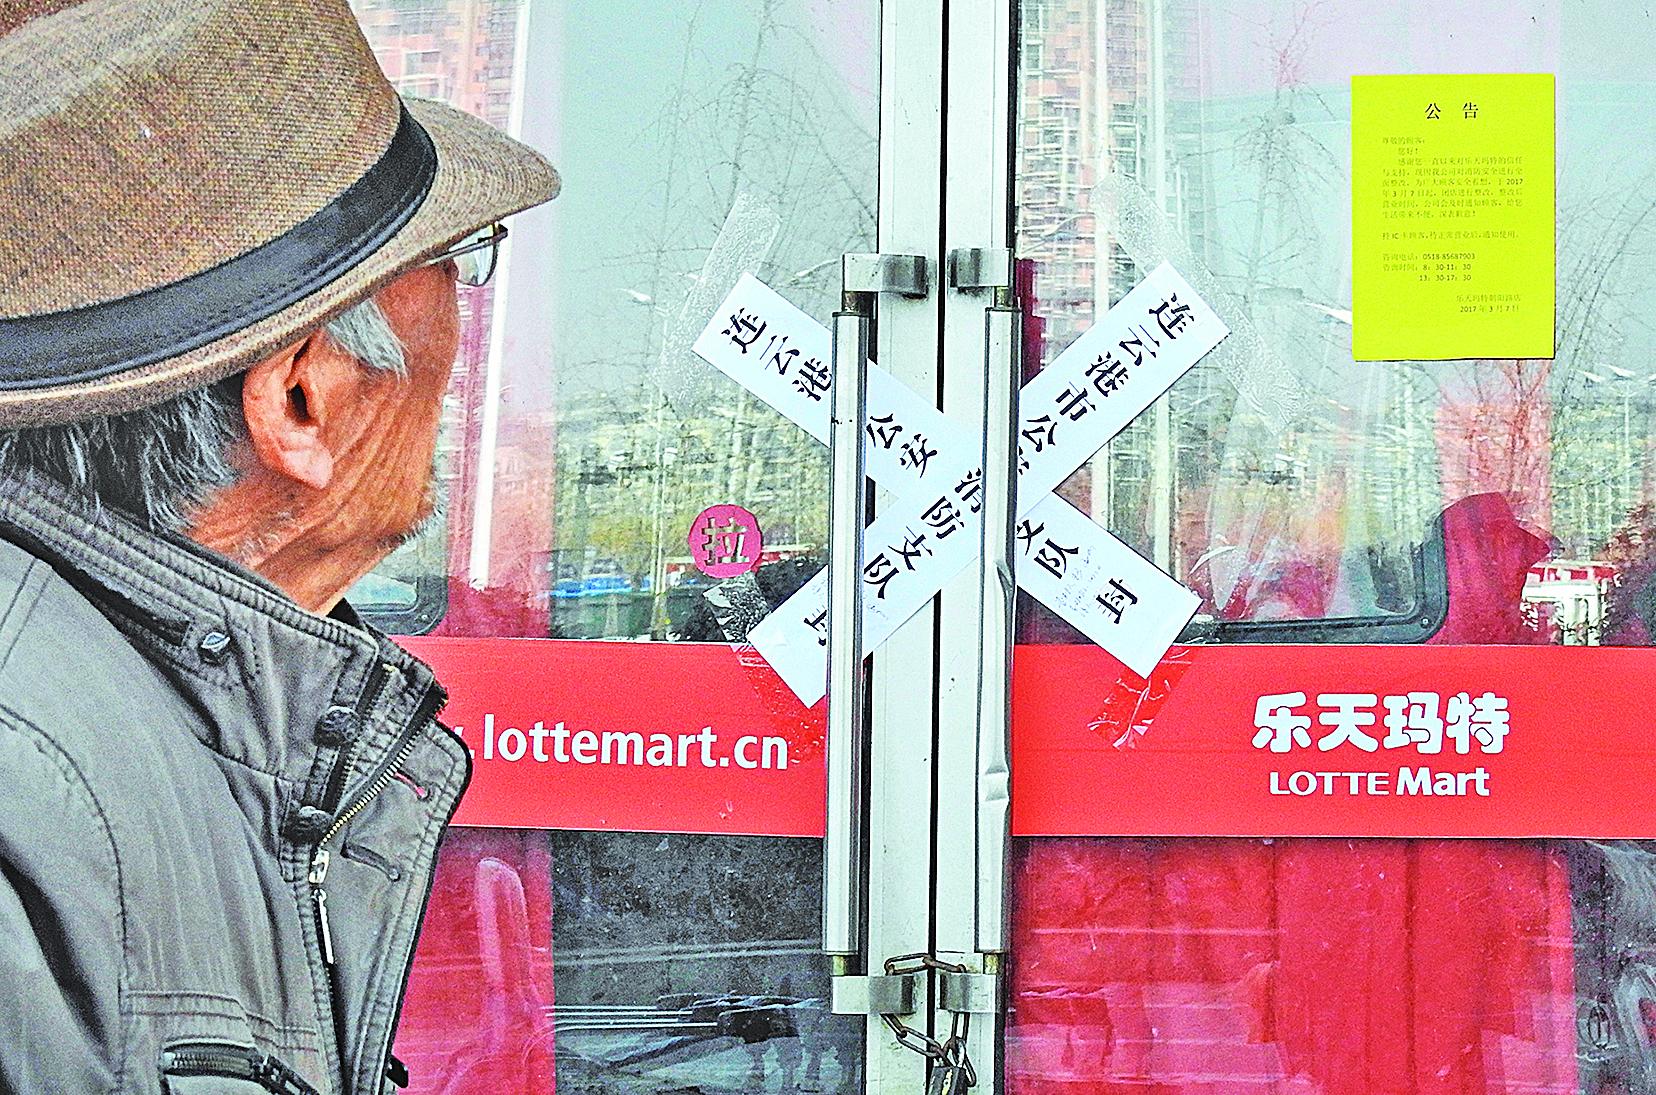 在南韓決定部署「薩德」系統後,中國國內20餘家南韓樂天瑪特超市突然停業。(Getty Images)